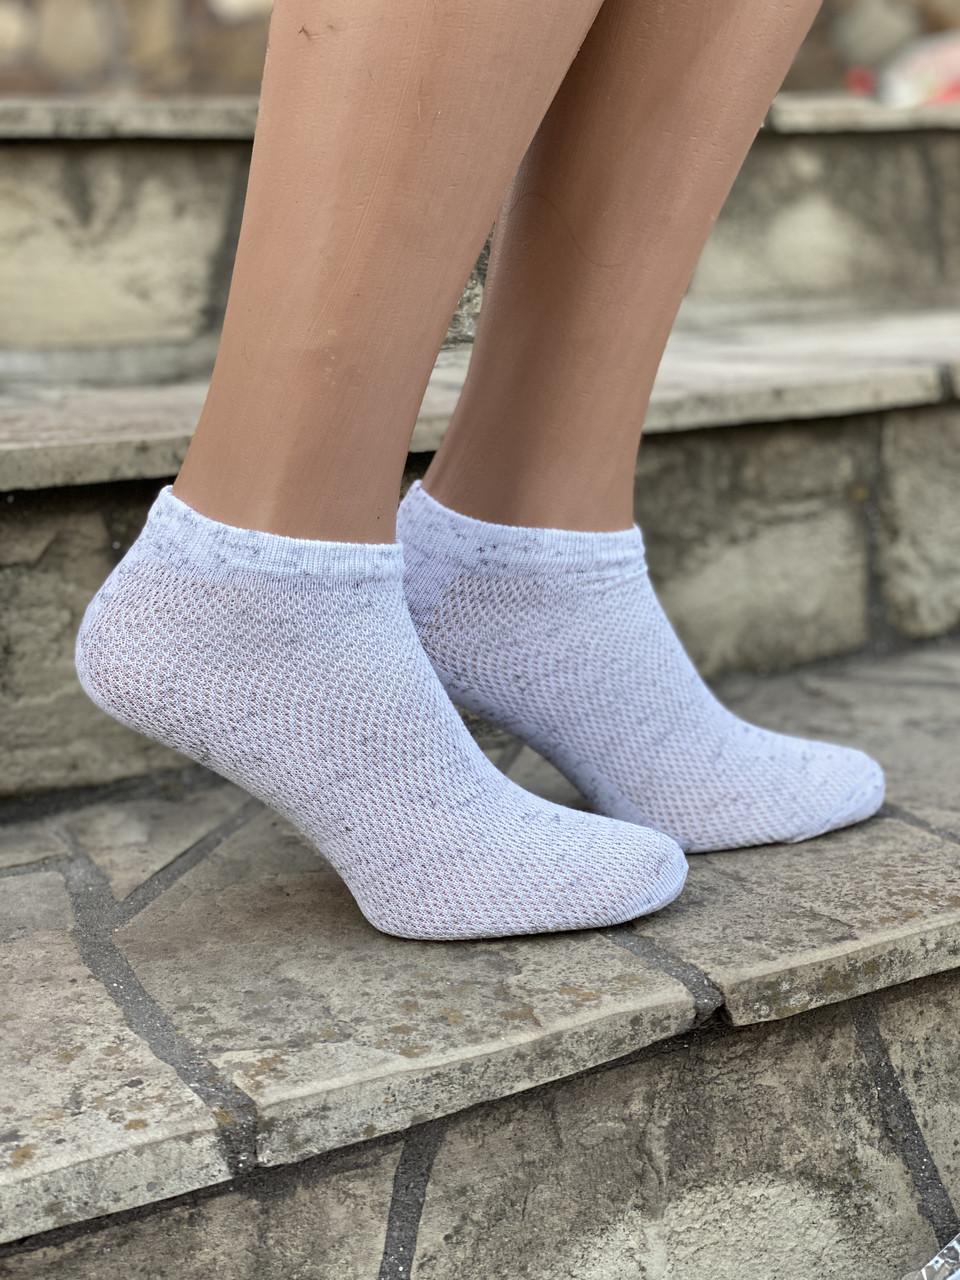 Жіночі короткі носки шкарпетки в сітку меланжеві розмір 36-39 12 шт в уп біло-сірий меланж